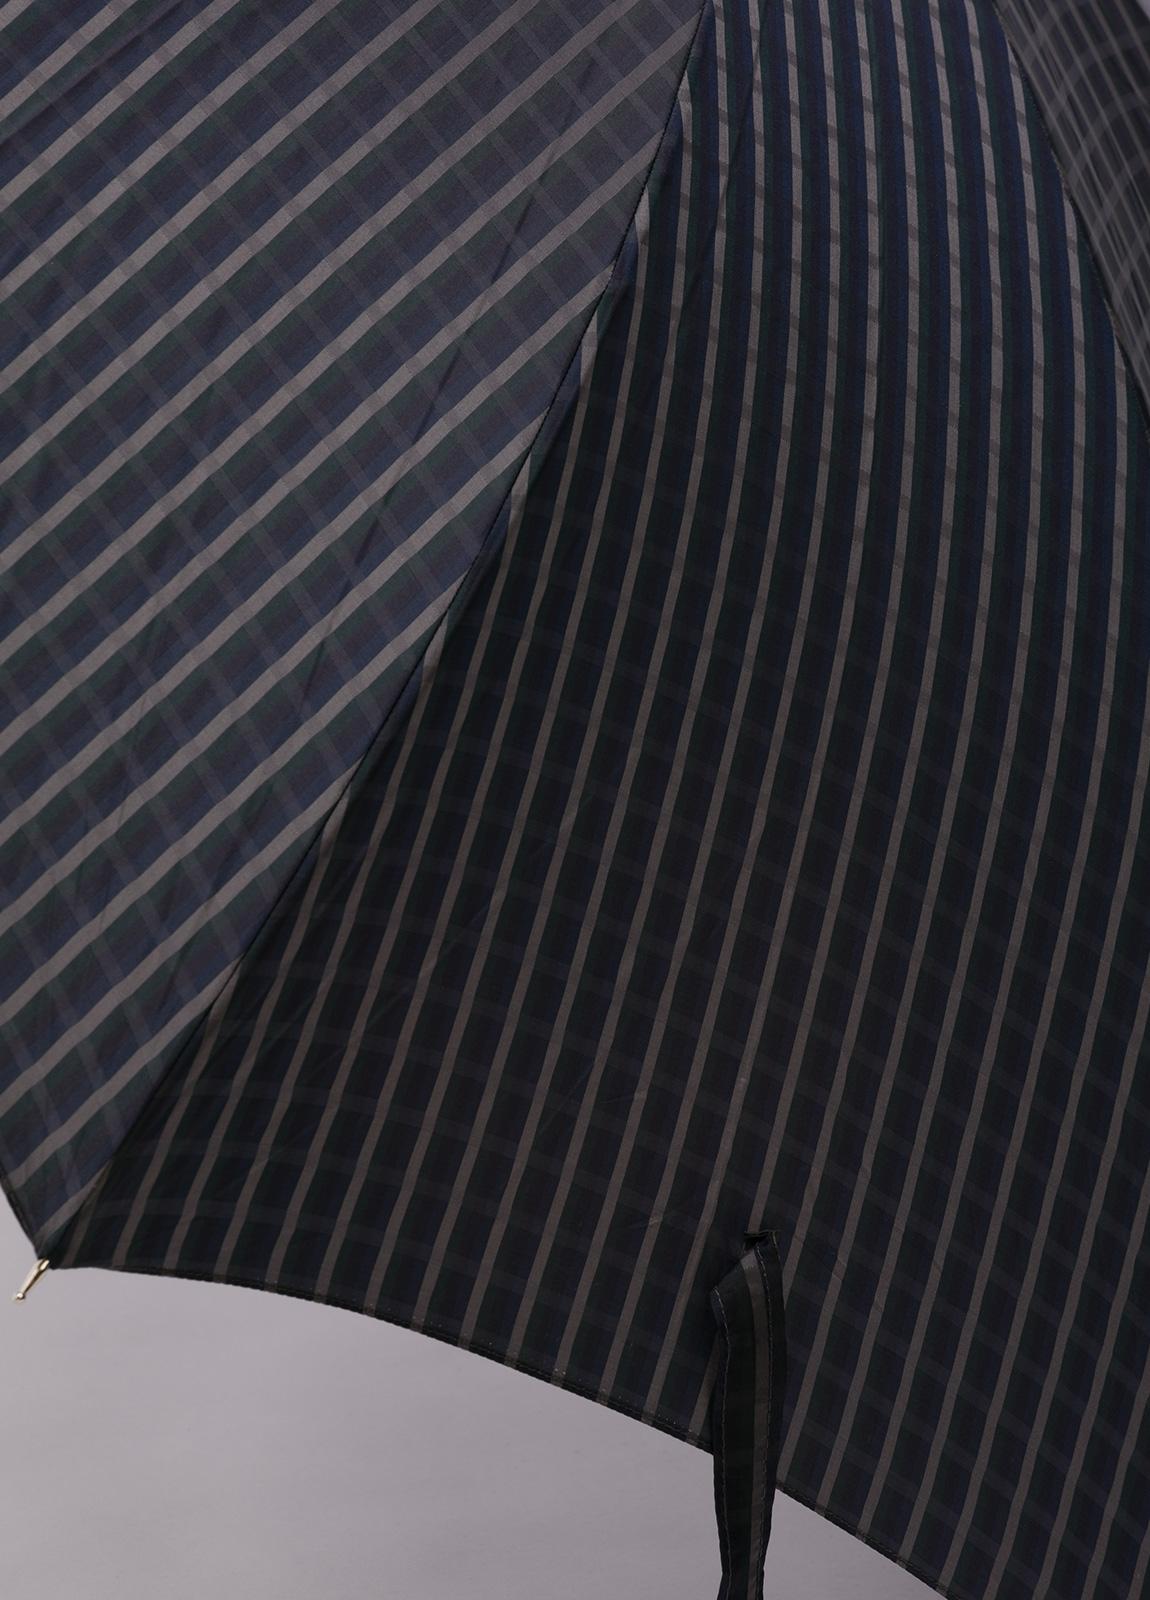 Paraguas con diseño de cuadros color gris y puño de madera. - Ítem1